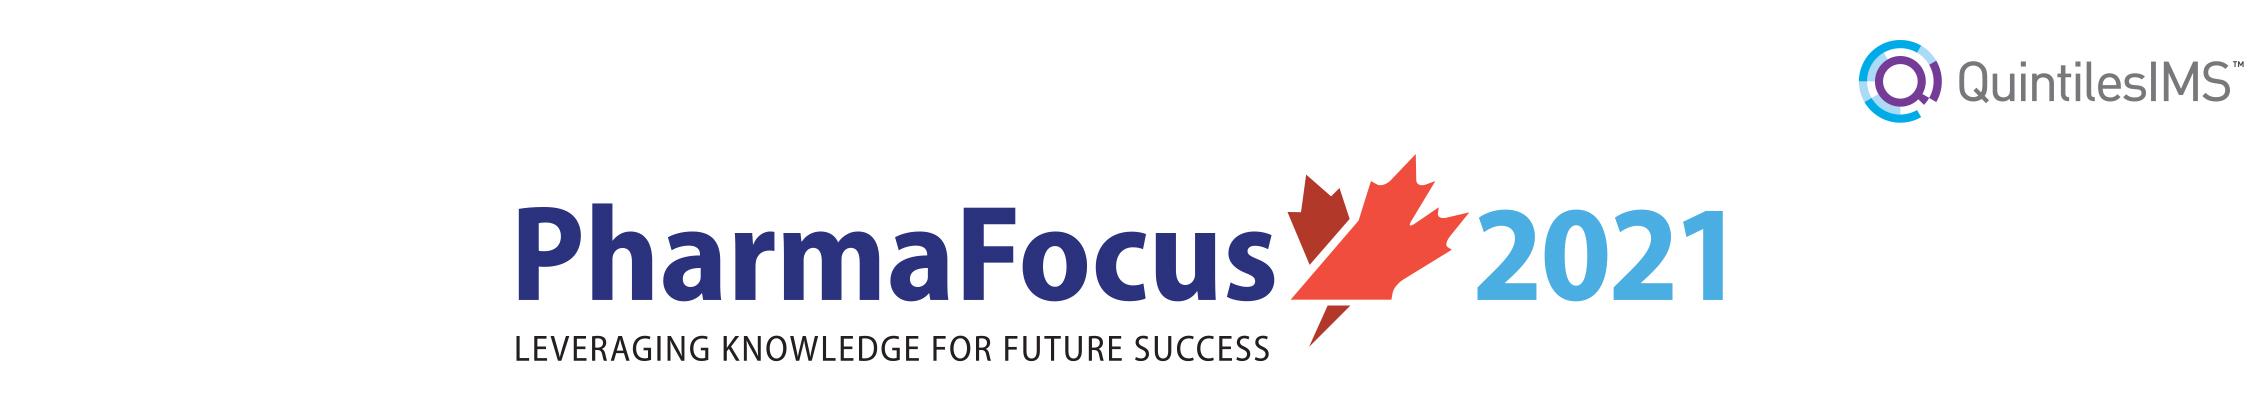 PharmaFocus 2021 Industry Briefings